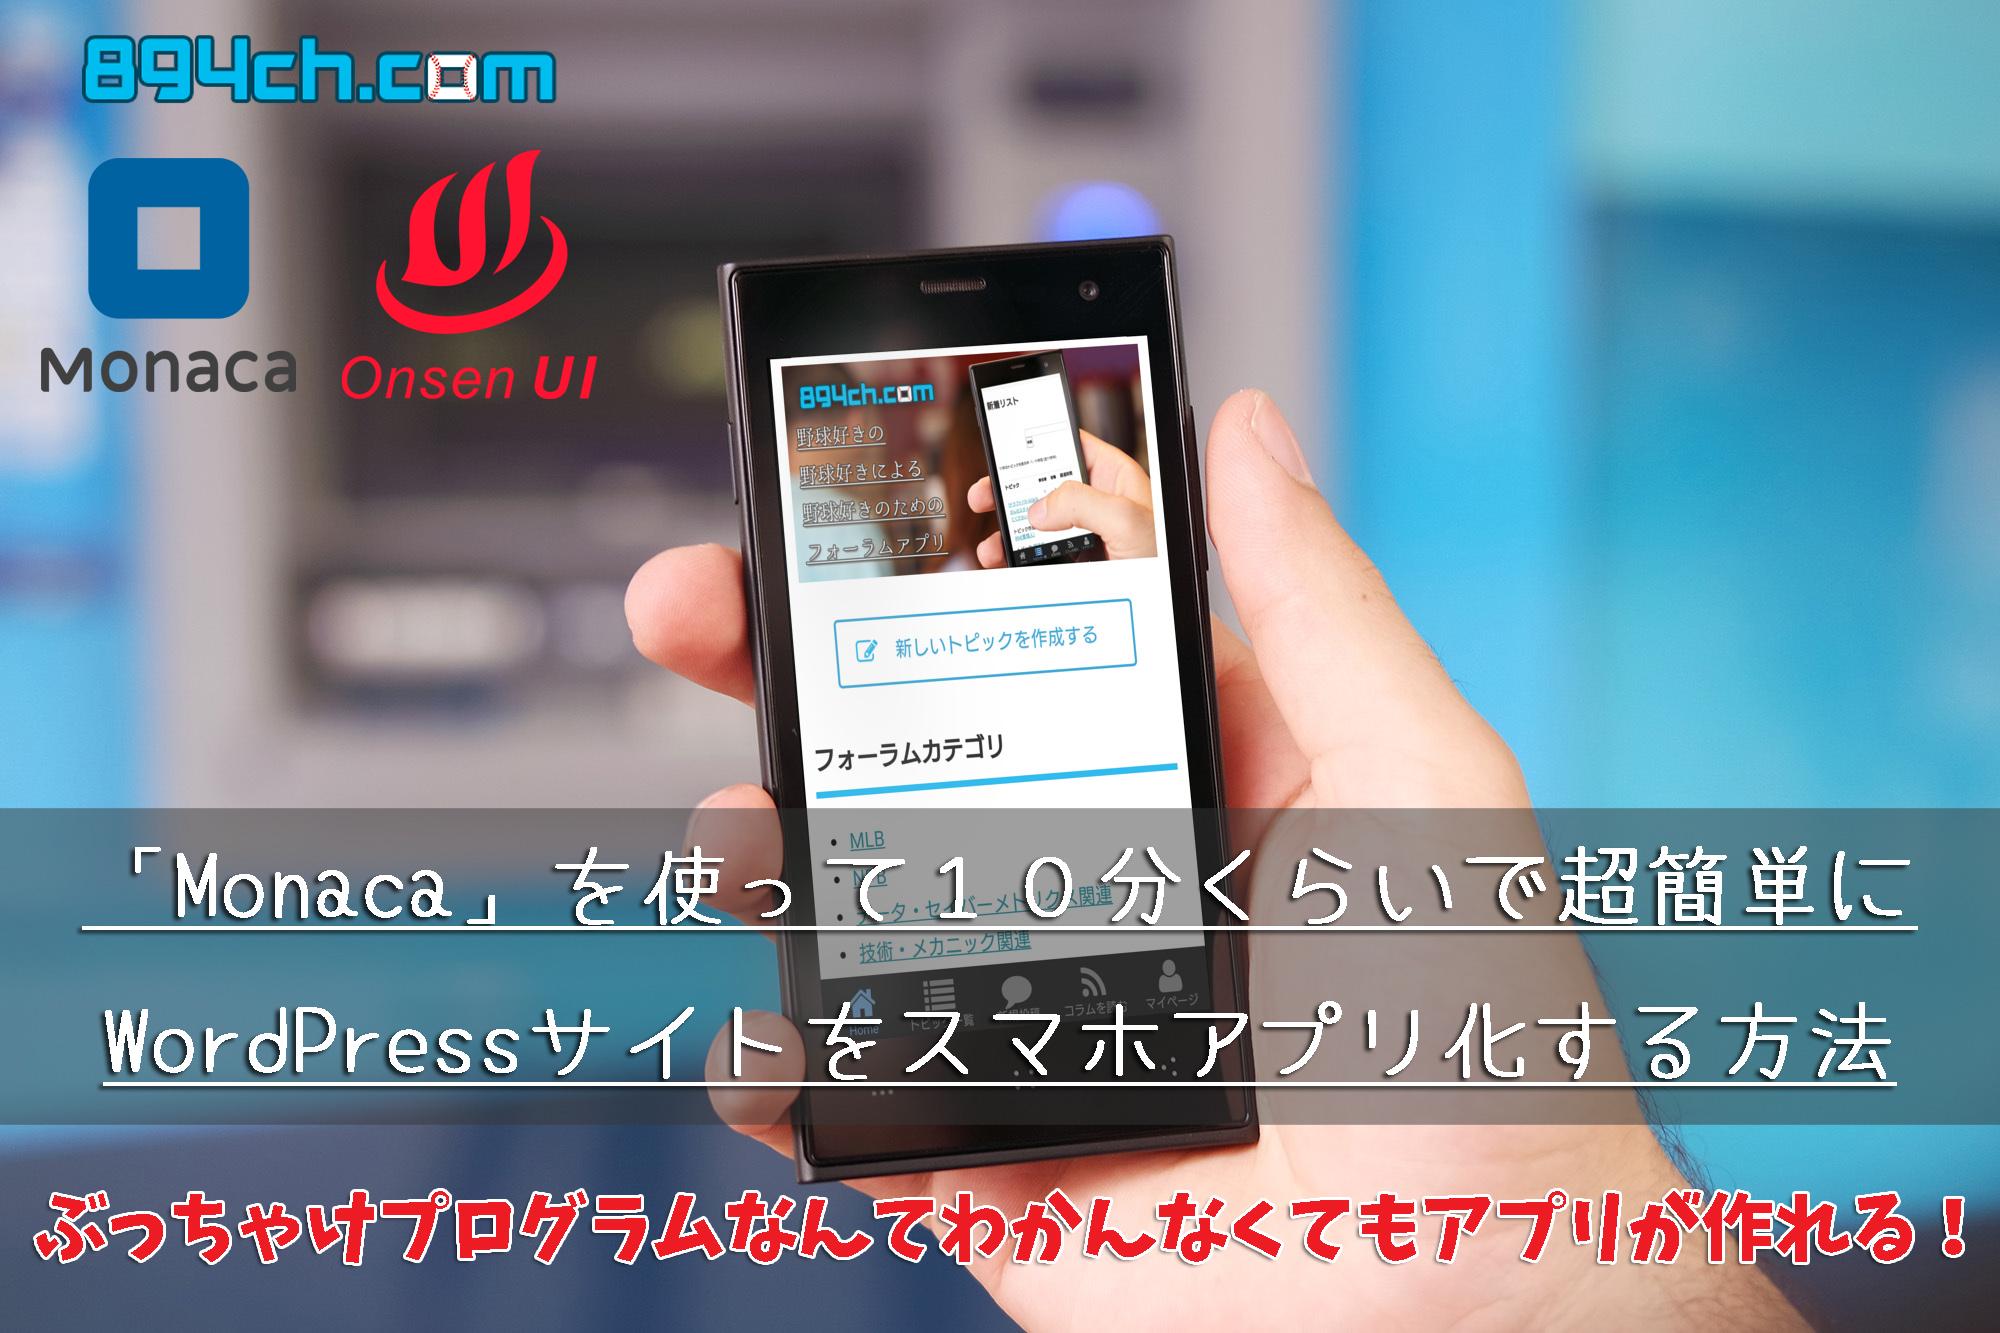 monaca」を使って10分くらいで超簡単にwordpressサイトをアプリ化する